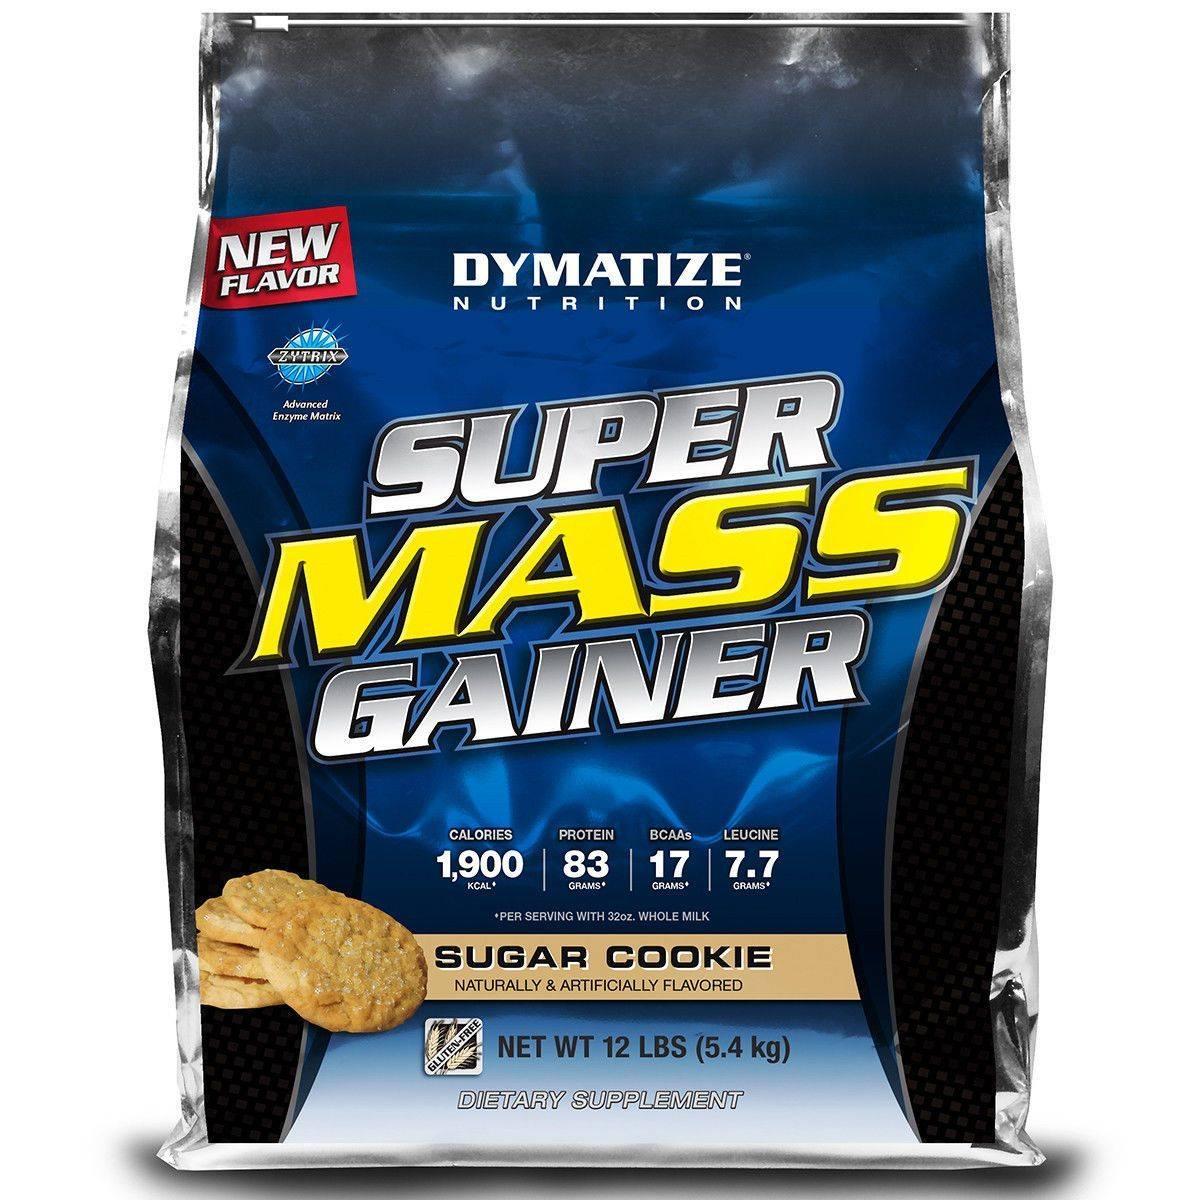 Super mass от dymatize: для чего нужен и как принимать гейнер